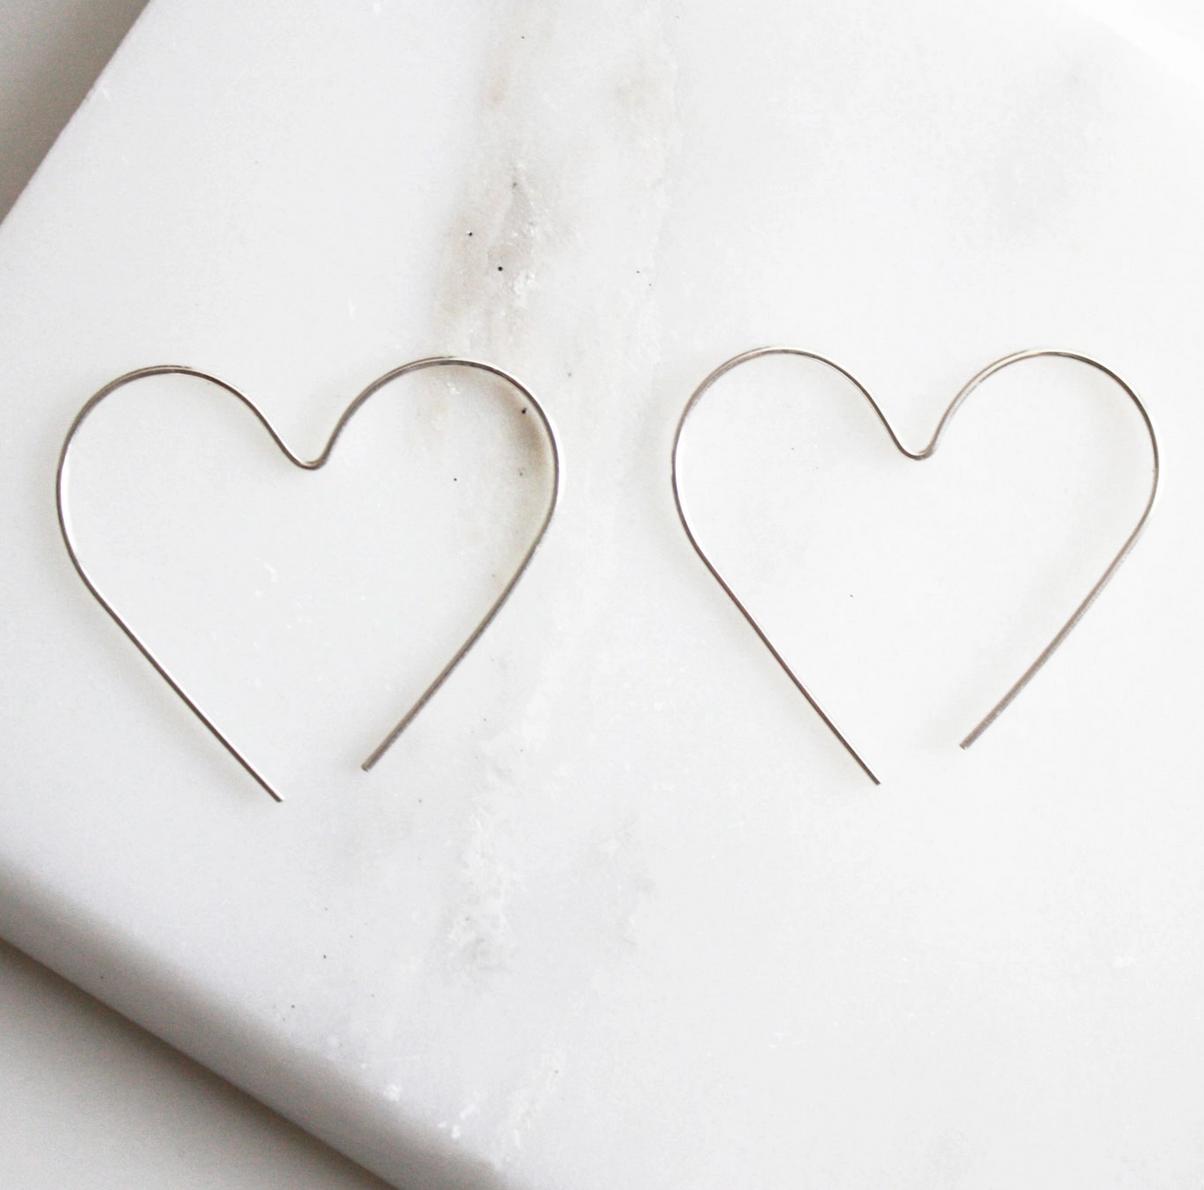 Hooks & Luxe Heart Hoop Earrings- Silver